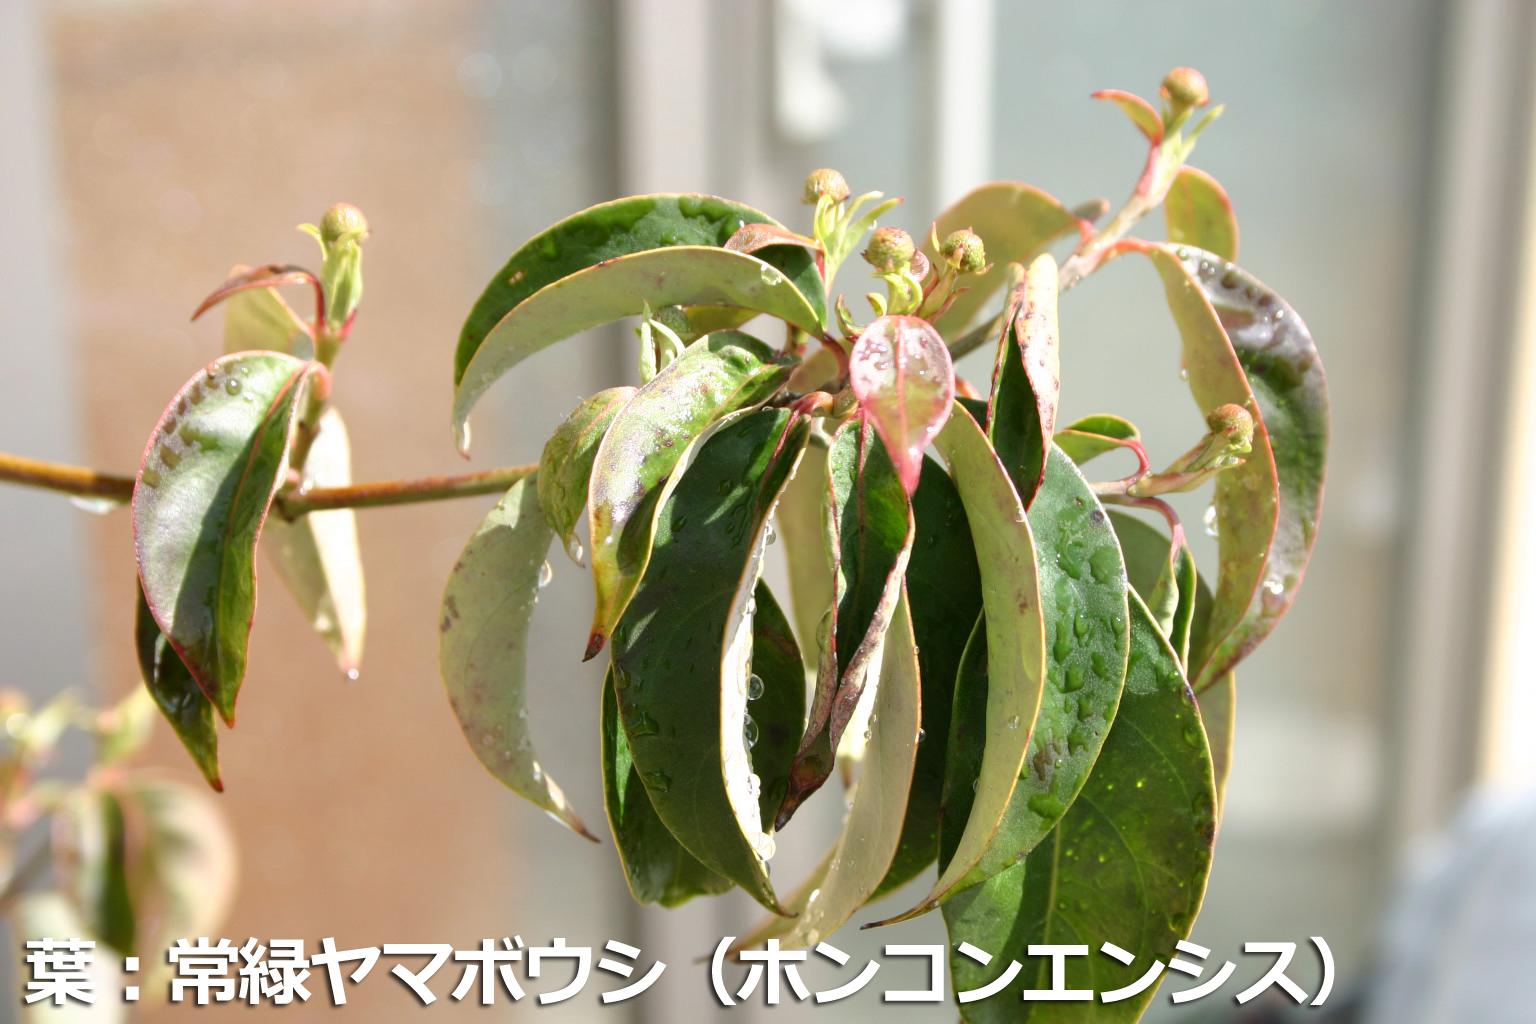 ホンコンエンシスの葉